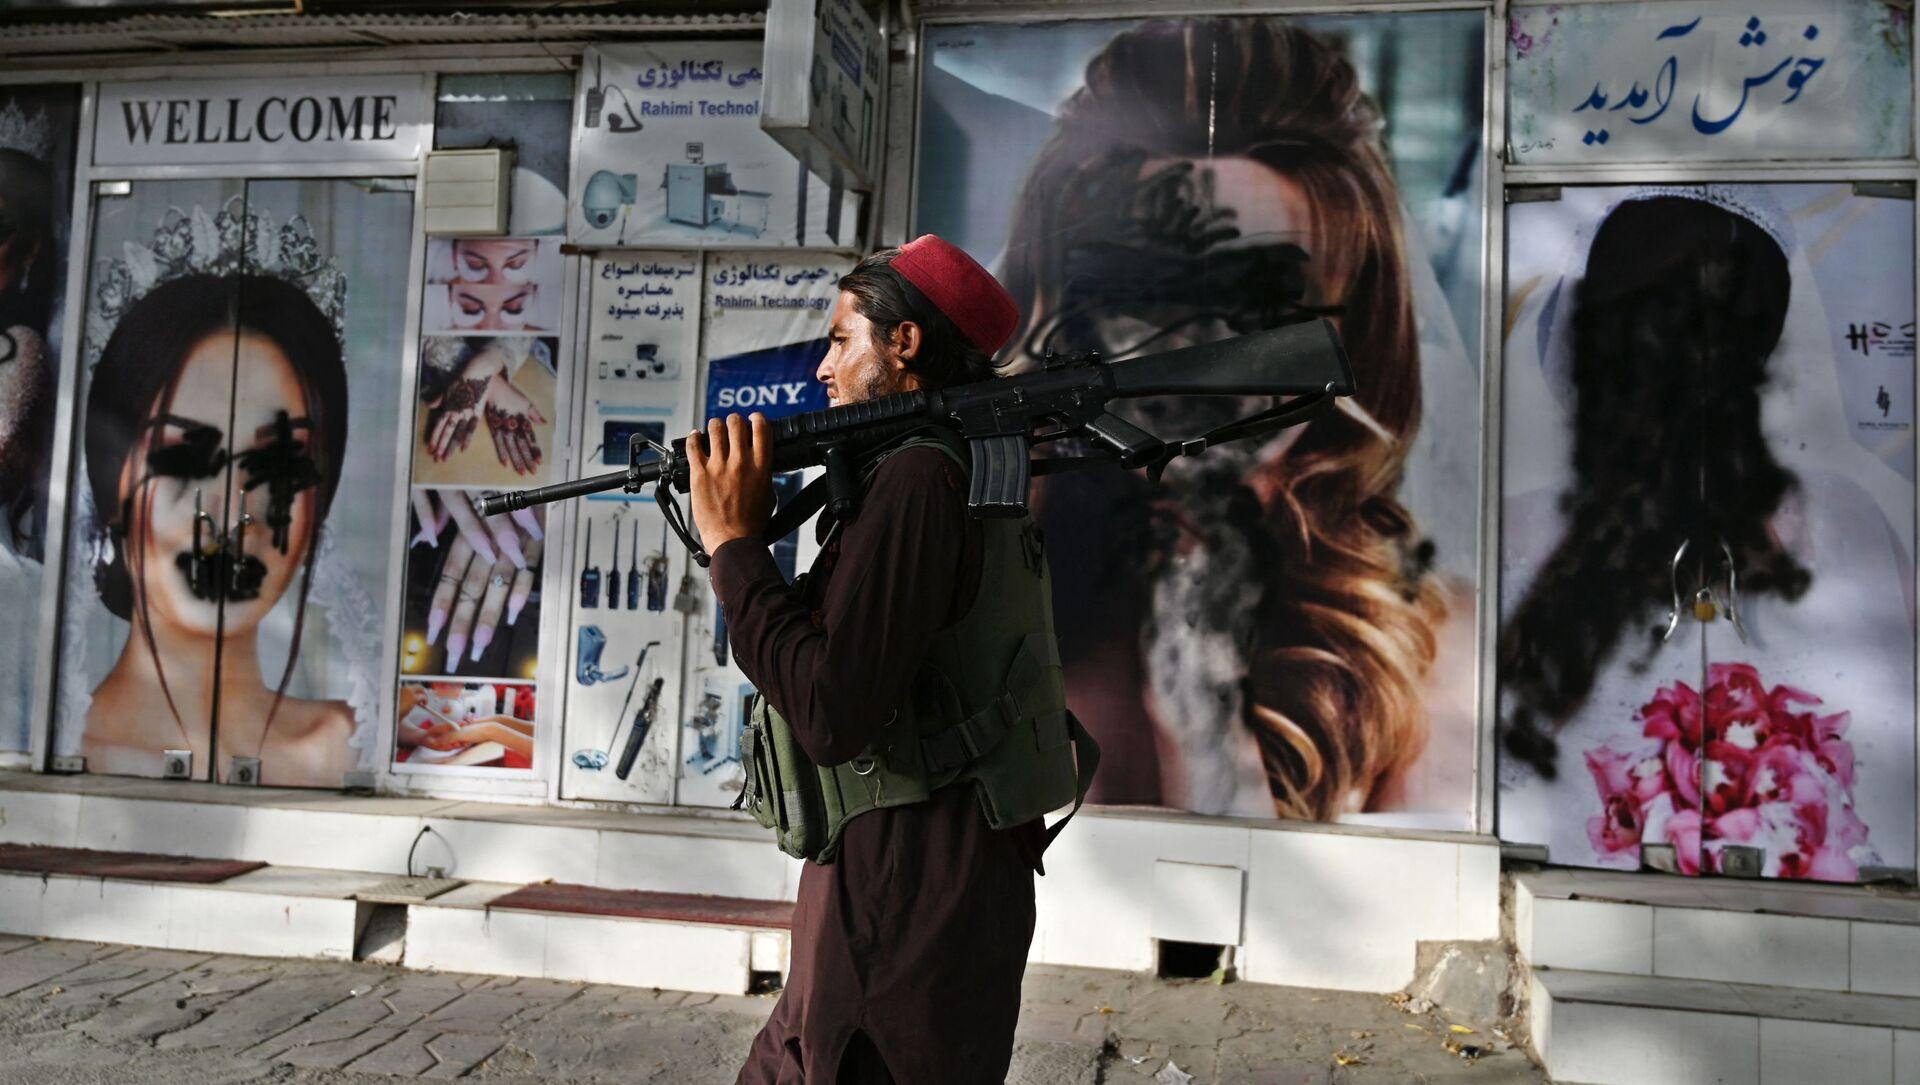 Боевики движения Талибан (террористическая группировка, запрещеннфая в РФ) в Кабуле, 18 авгутса 2021 года - Sputnik Azərbaycan, 1920, 19.08.2021